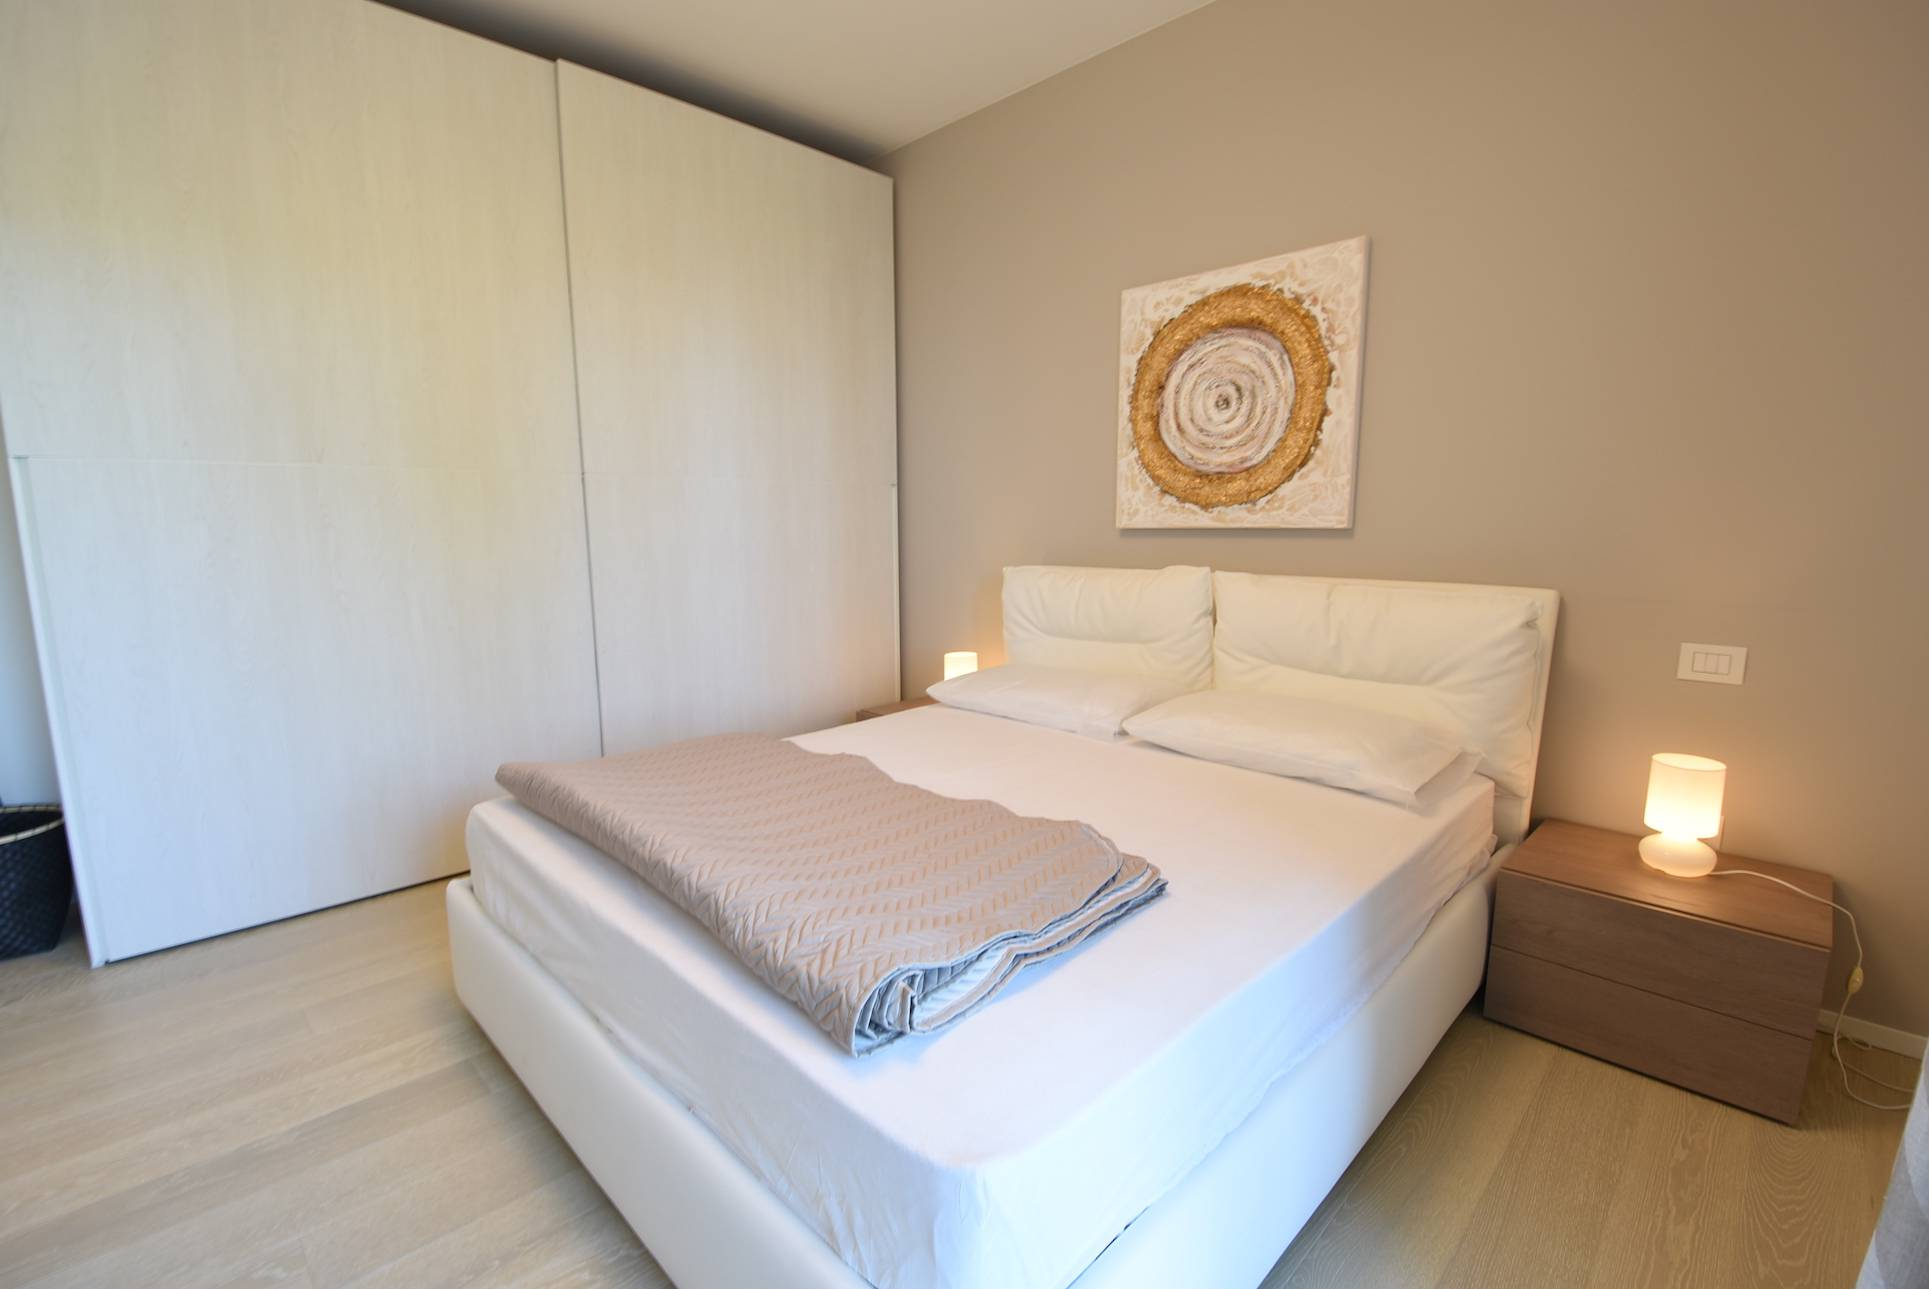 camera-da-letto-1316582702